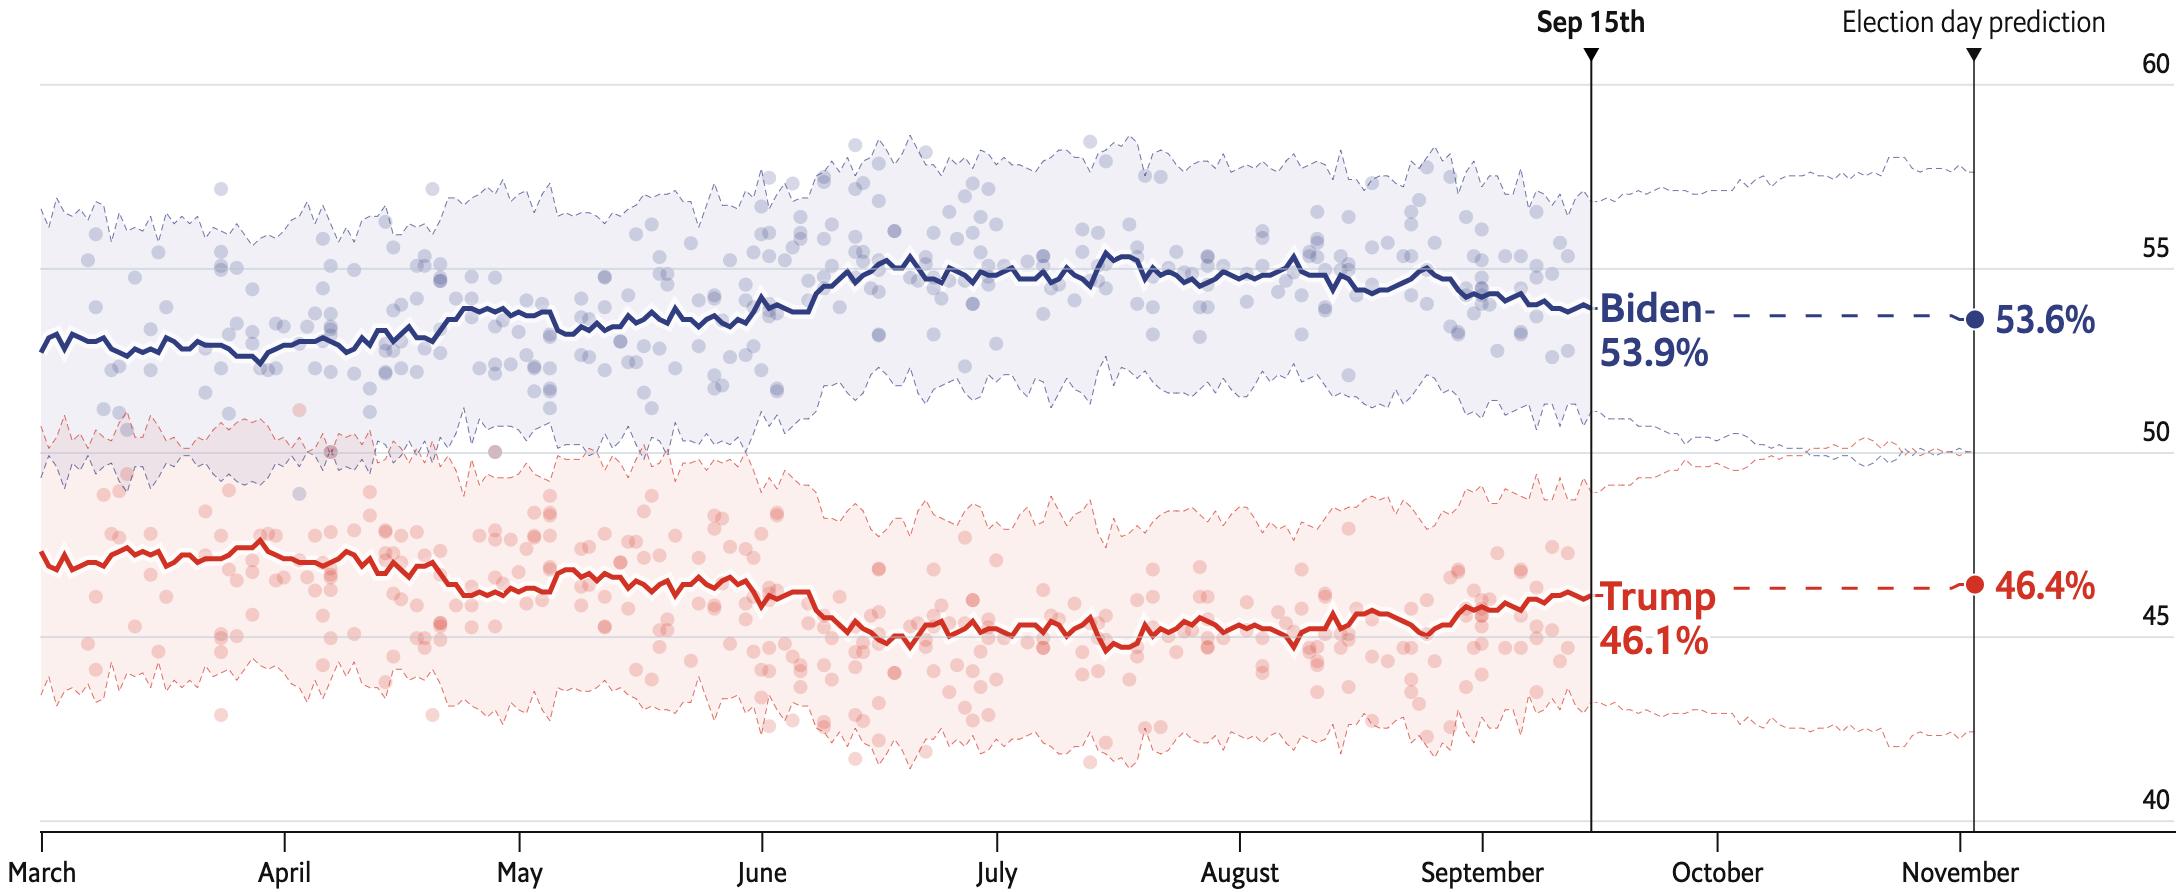 Предсказание шансов на победу разных кандидатов в США. Синий — Байден, красный — Трамп. В процентах от голосов избирателей. Источник: TheEconomist